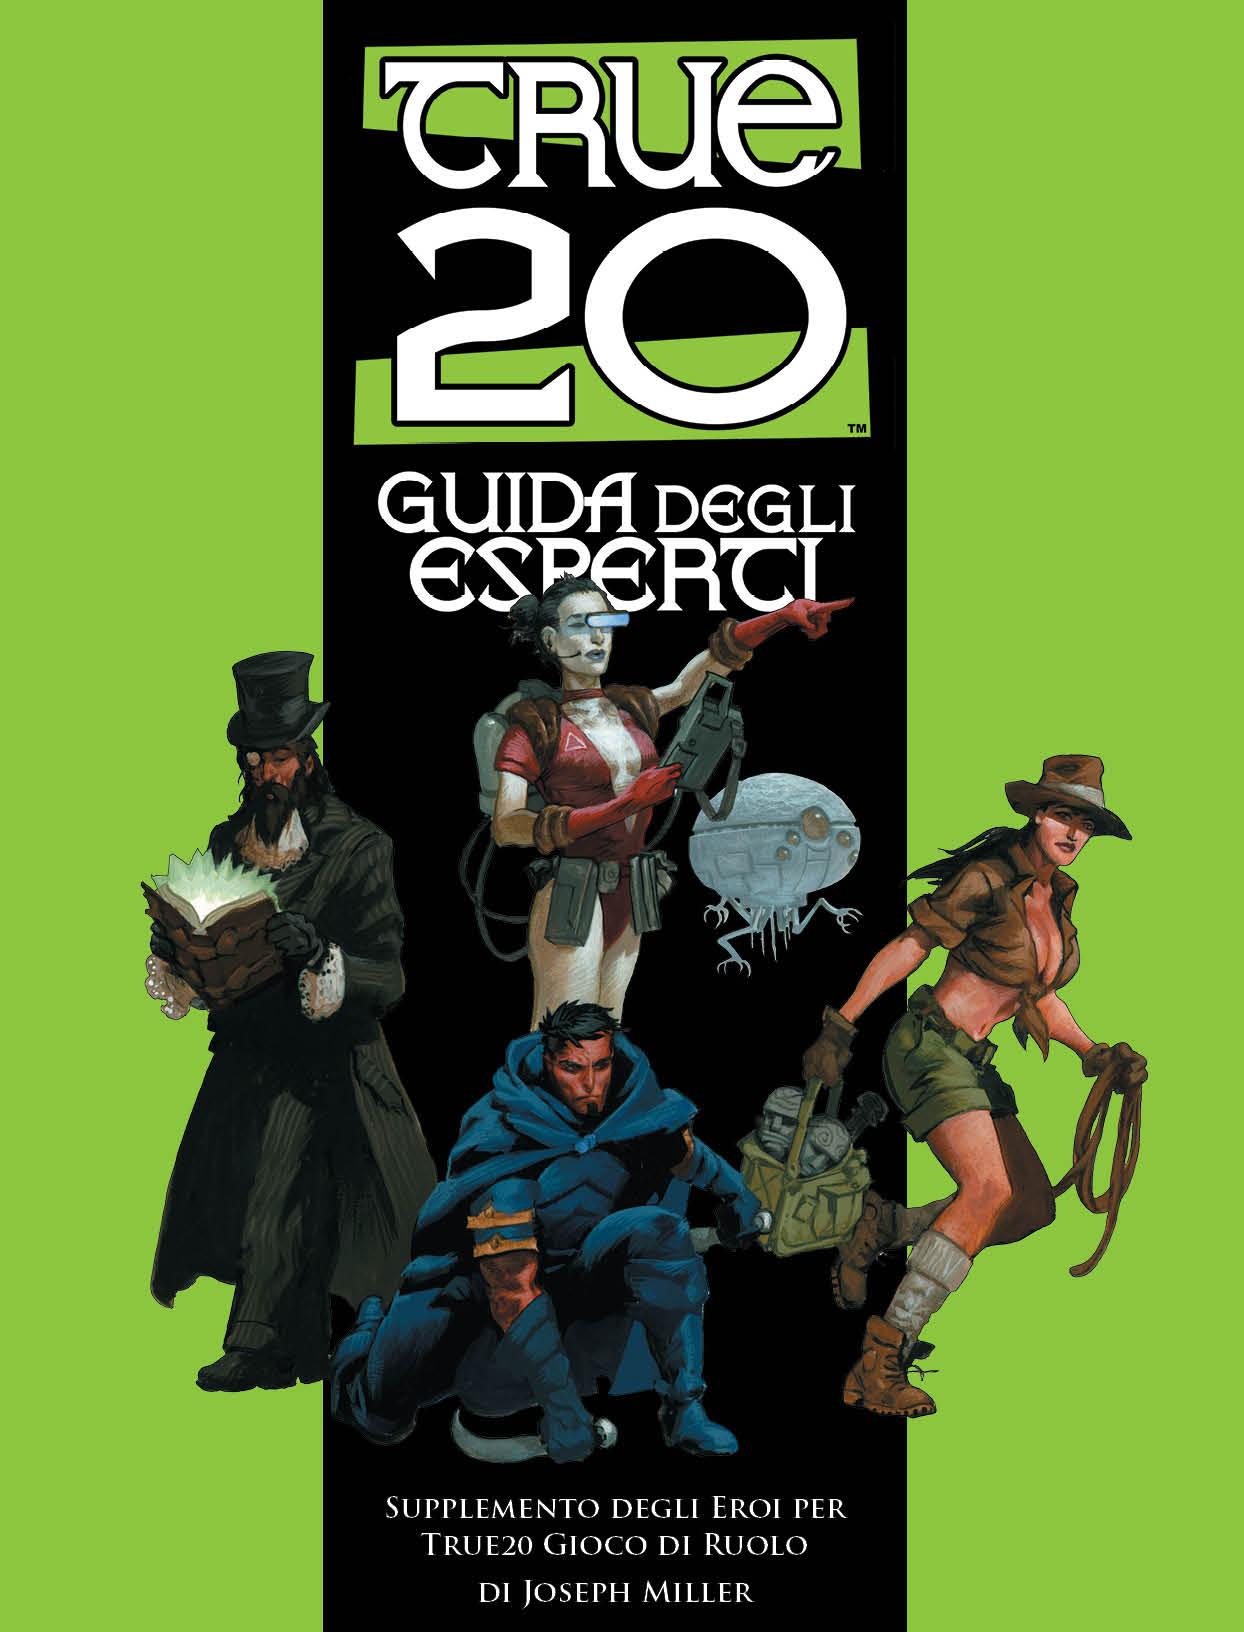 TRUE20 - GUIDA DEGLI ESPERTI